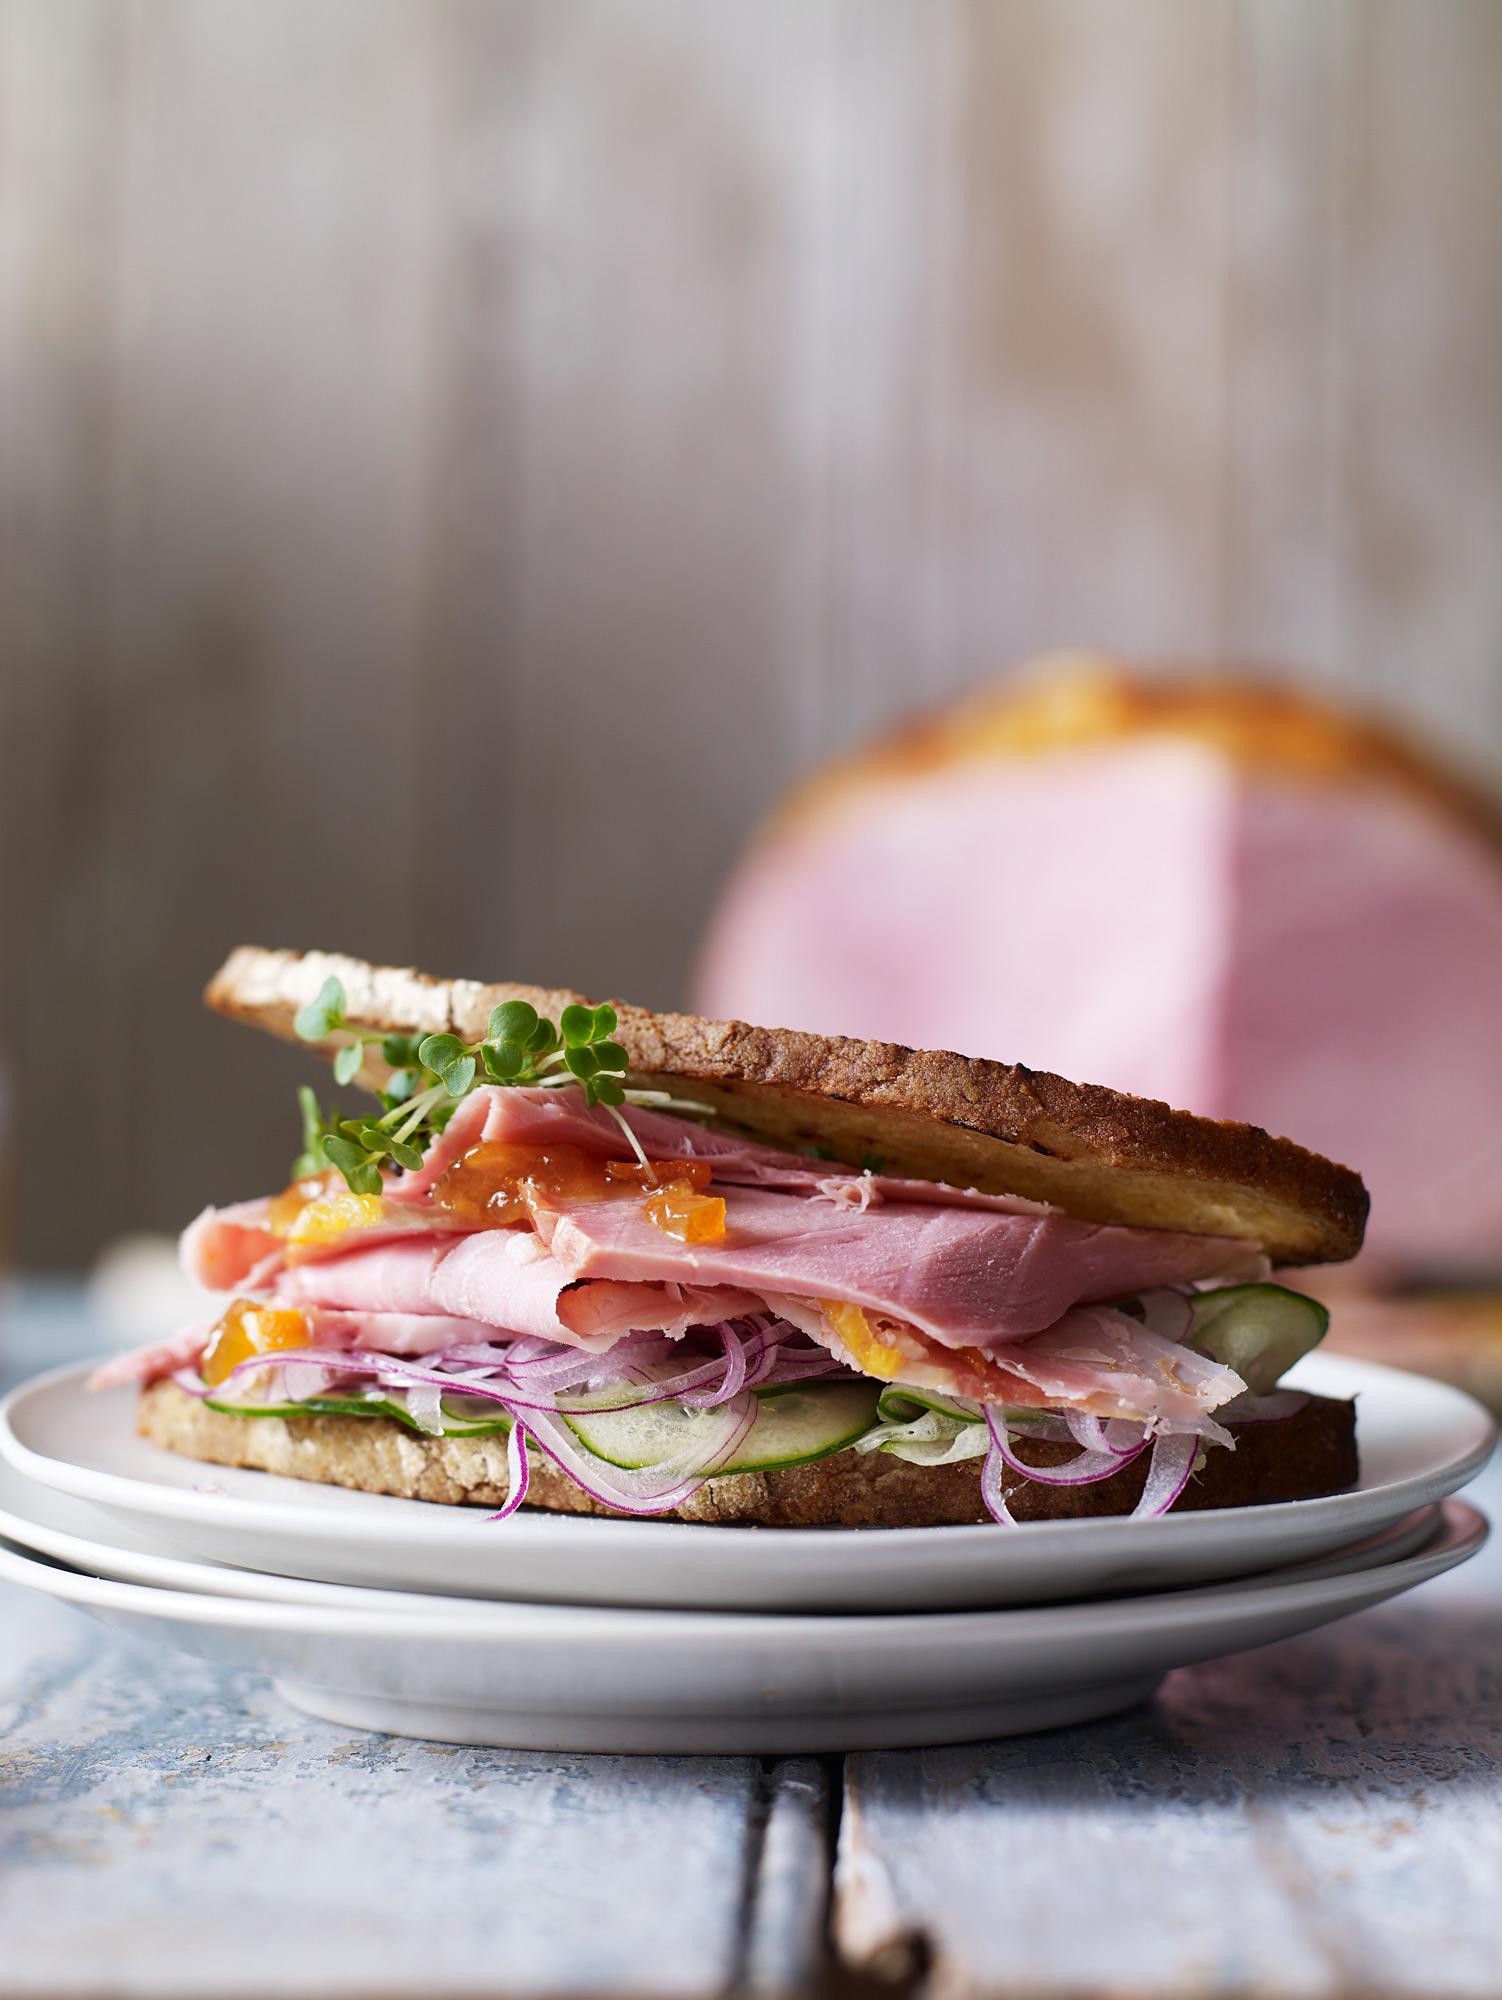 Stuart West - Ham sandwich